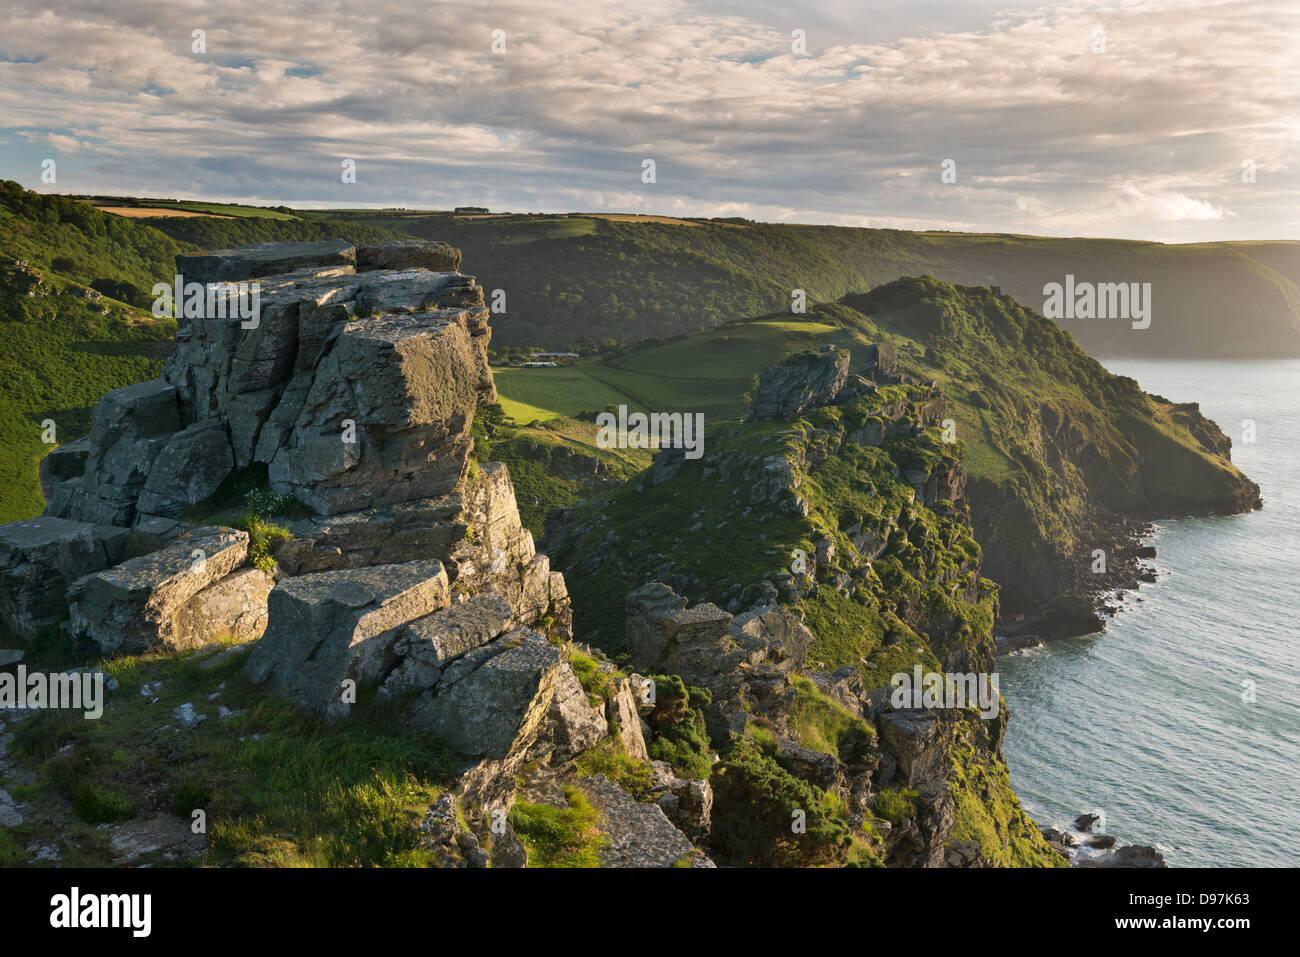 Altos acantilados en el valle de rocas, Exmoor, Devon, Inglaterra. Verano (julio de 2012). Imagen De Stock